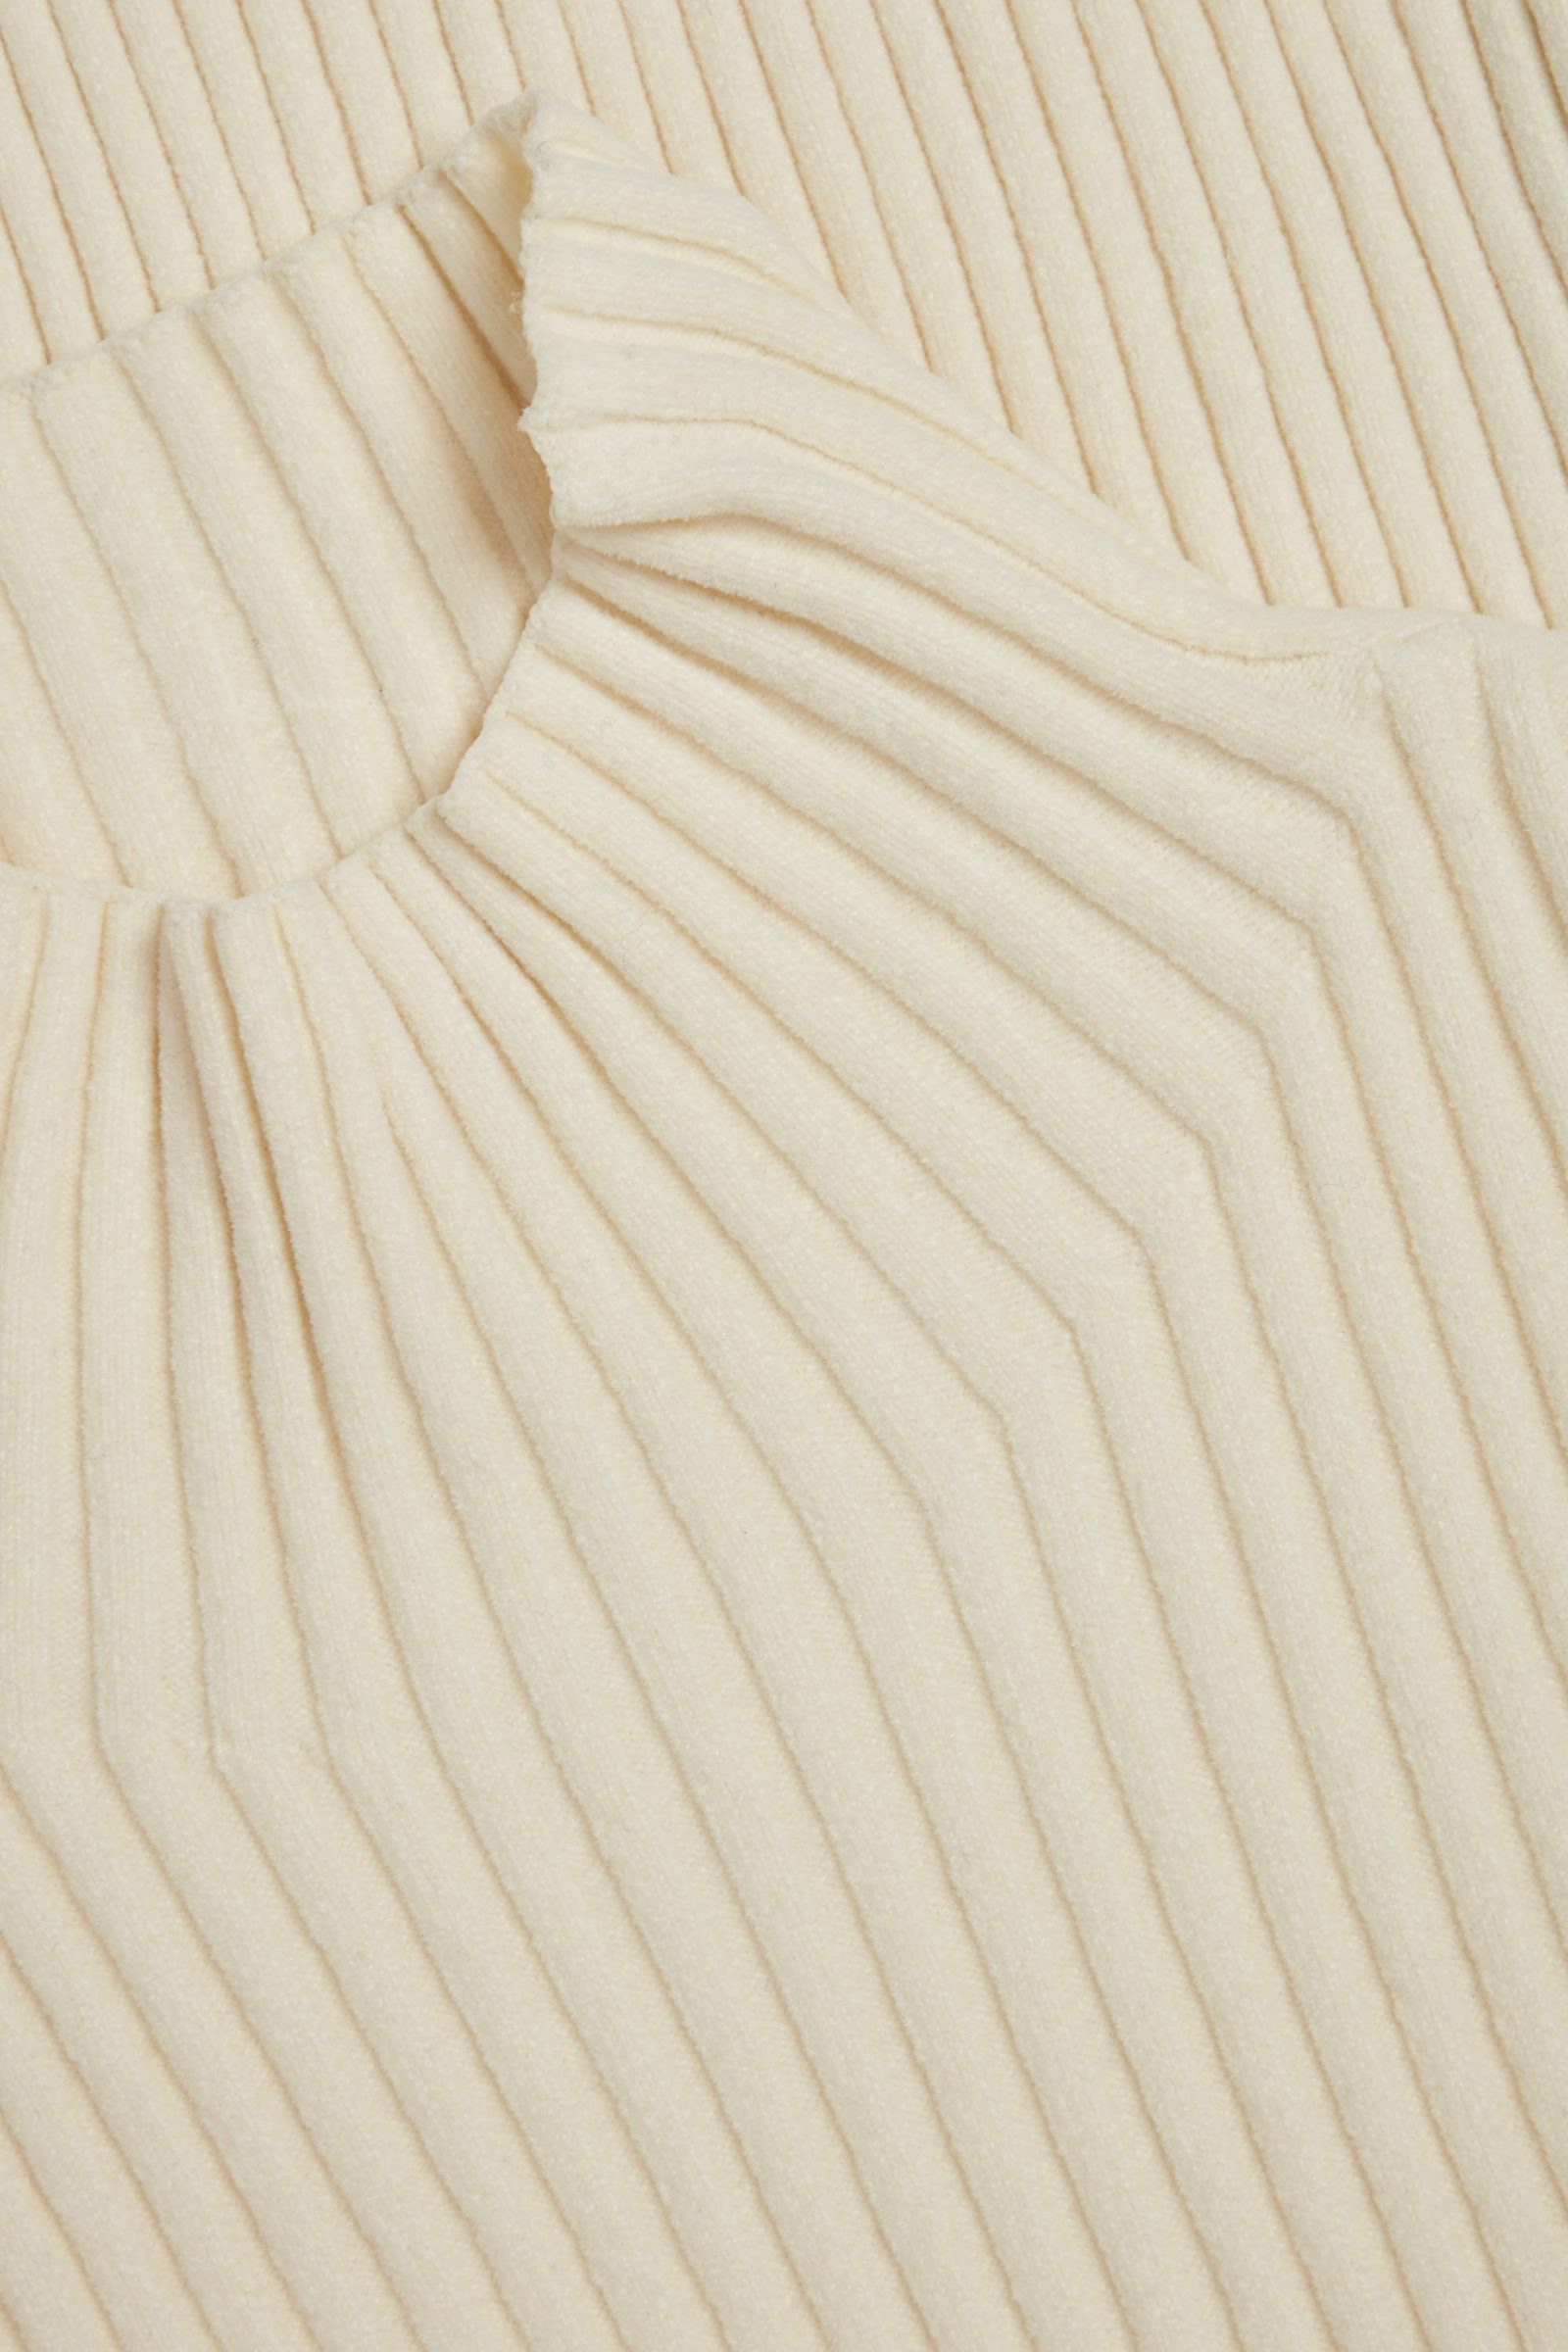 COS 오가닉 코튼 리브 셔닐 스웨터의 화이트컬러 Detail입니다.